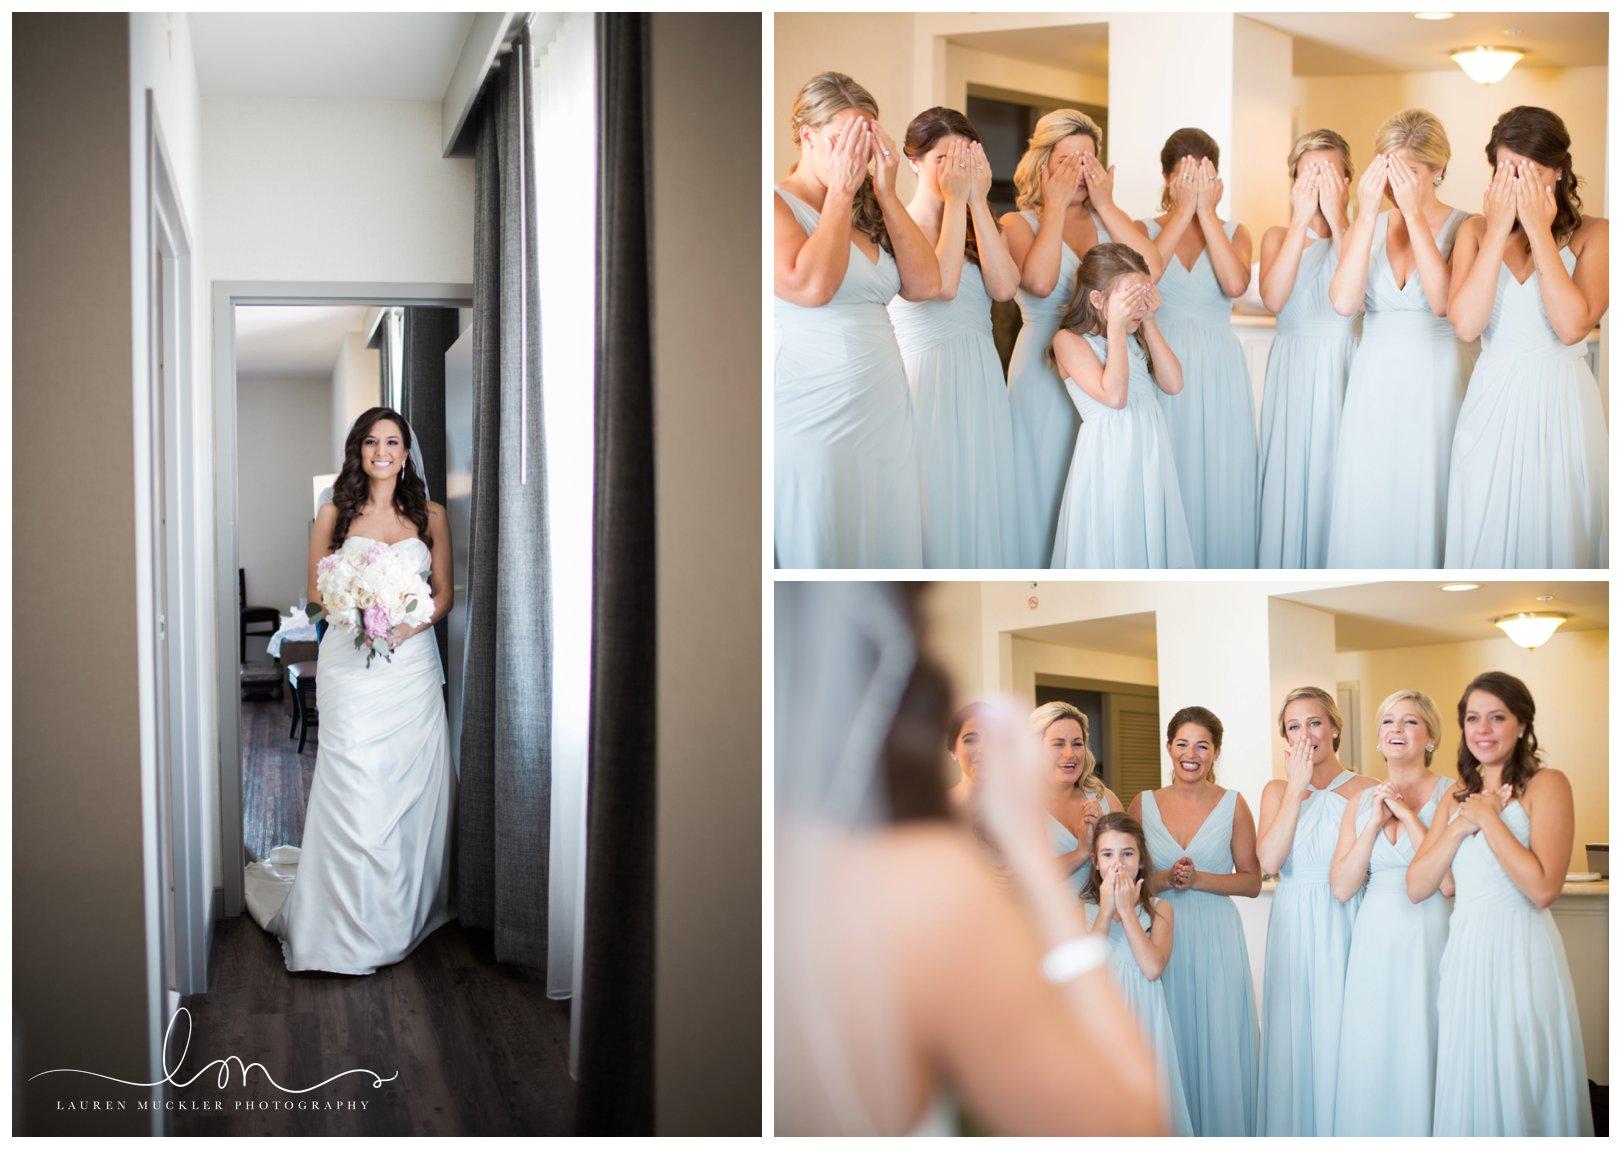 lauren muckler photography_fine art film wedding photography_st louis_photography_0256.jpg